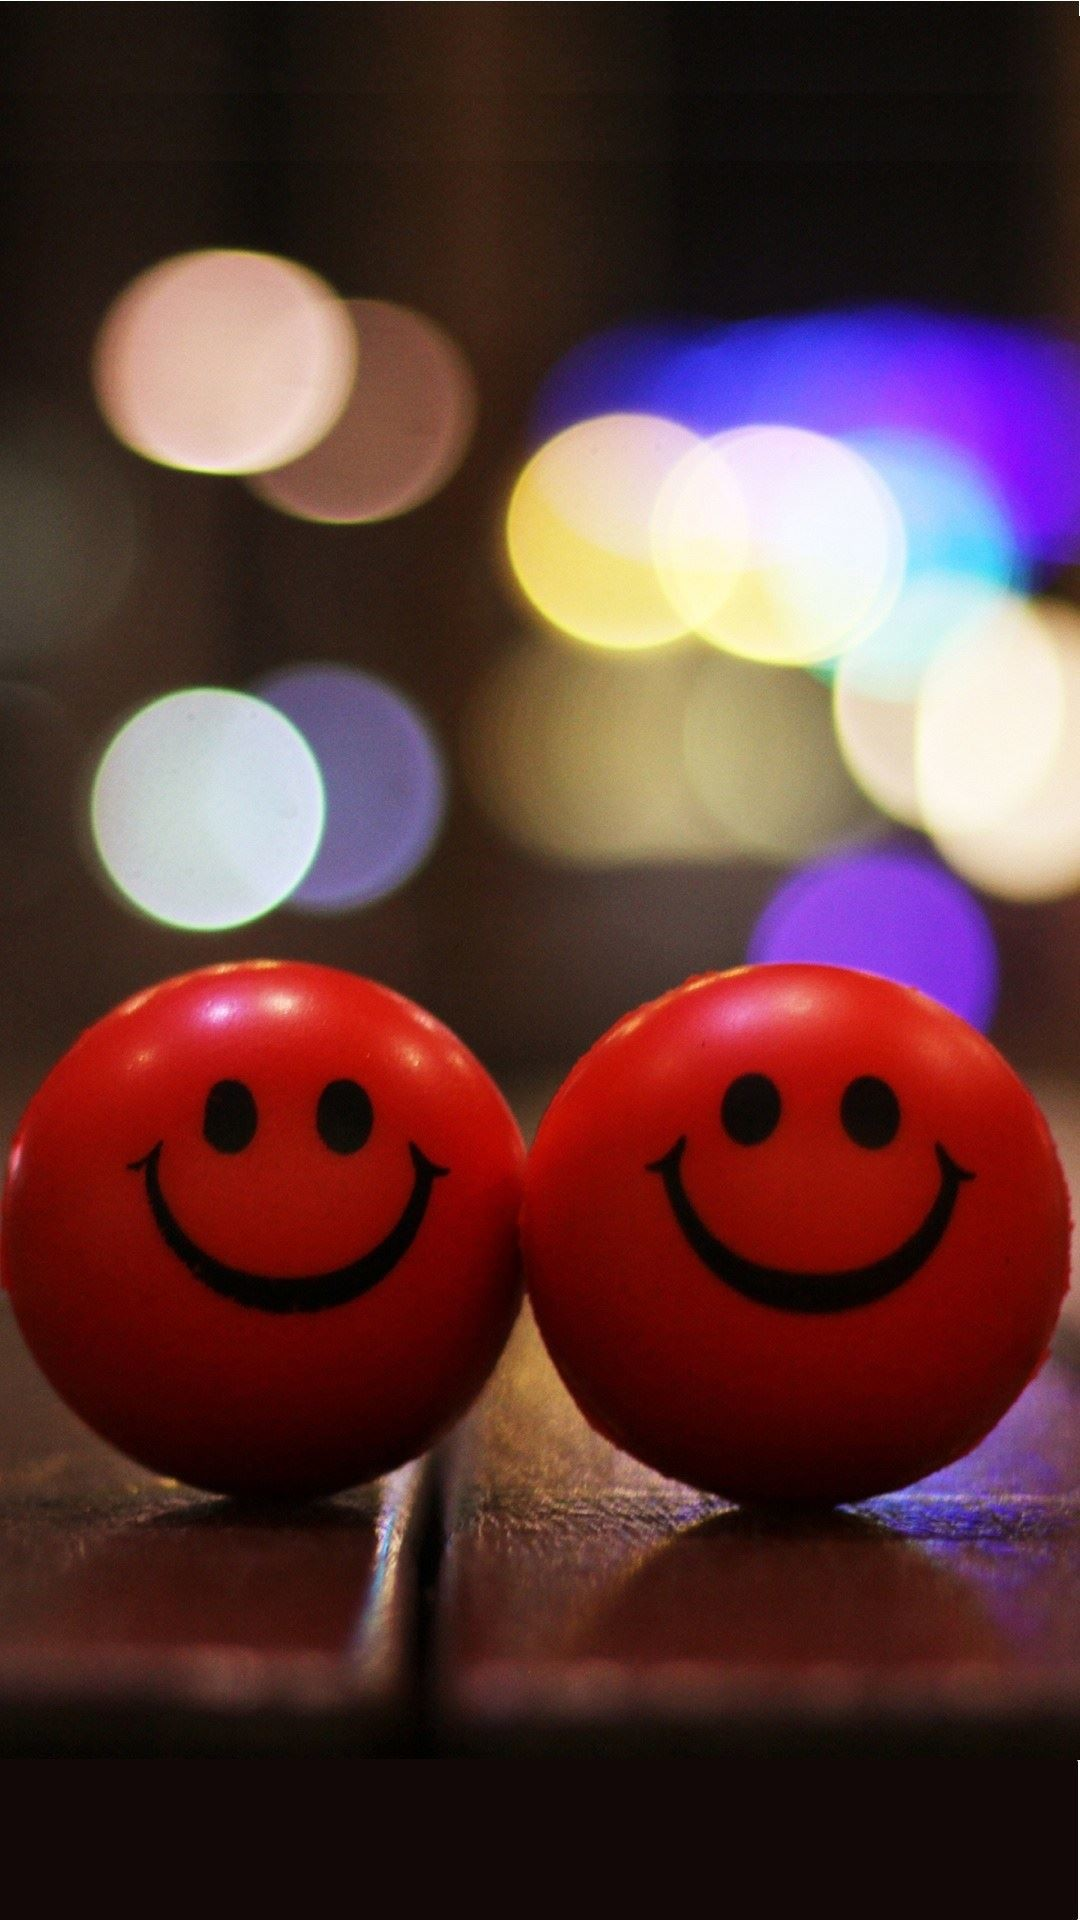 Cute Emoji Wallpaper 53 Images